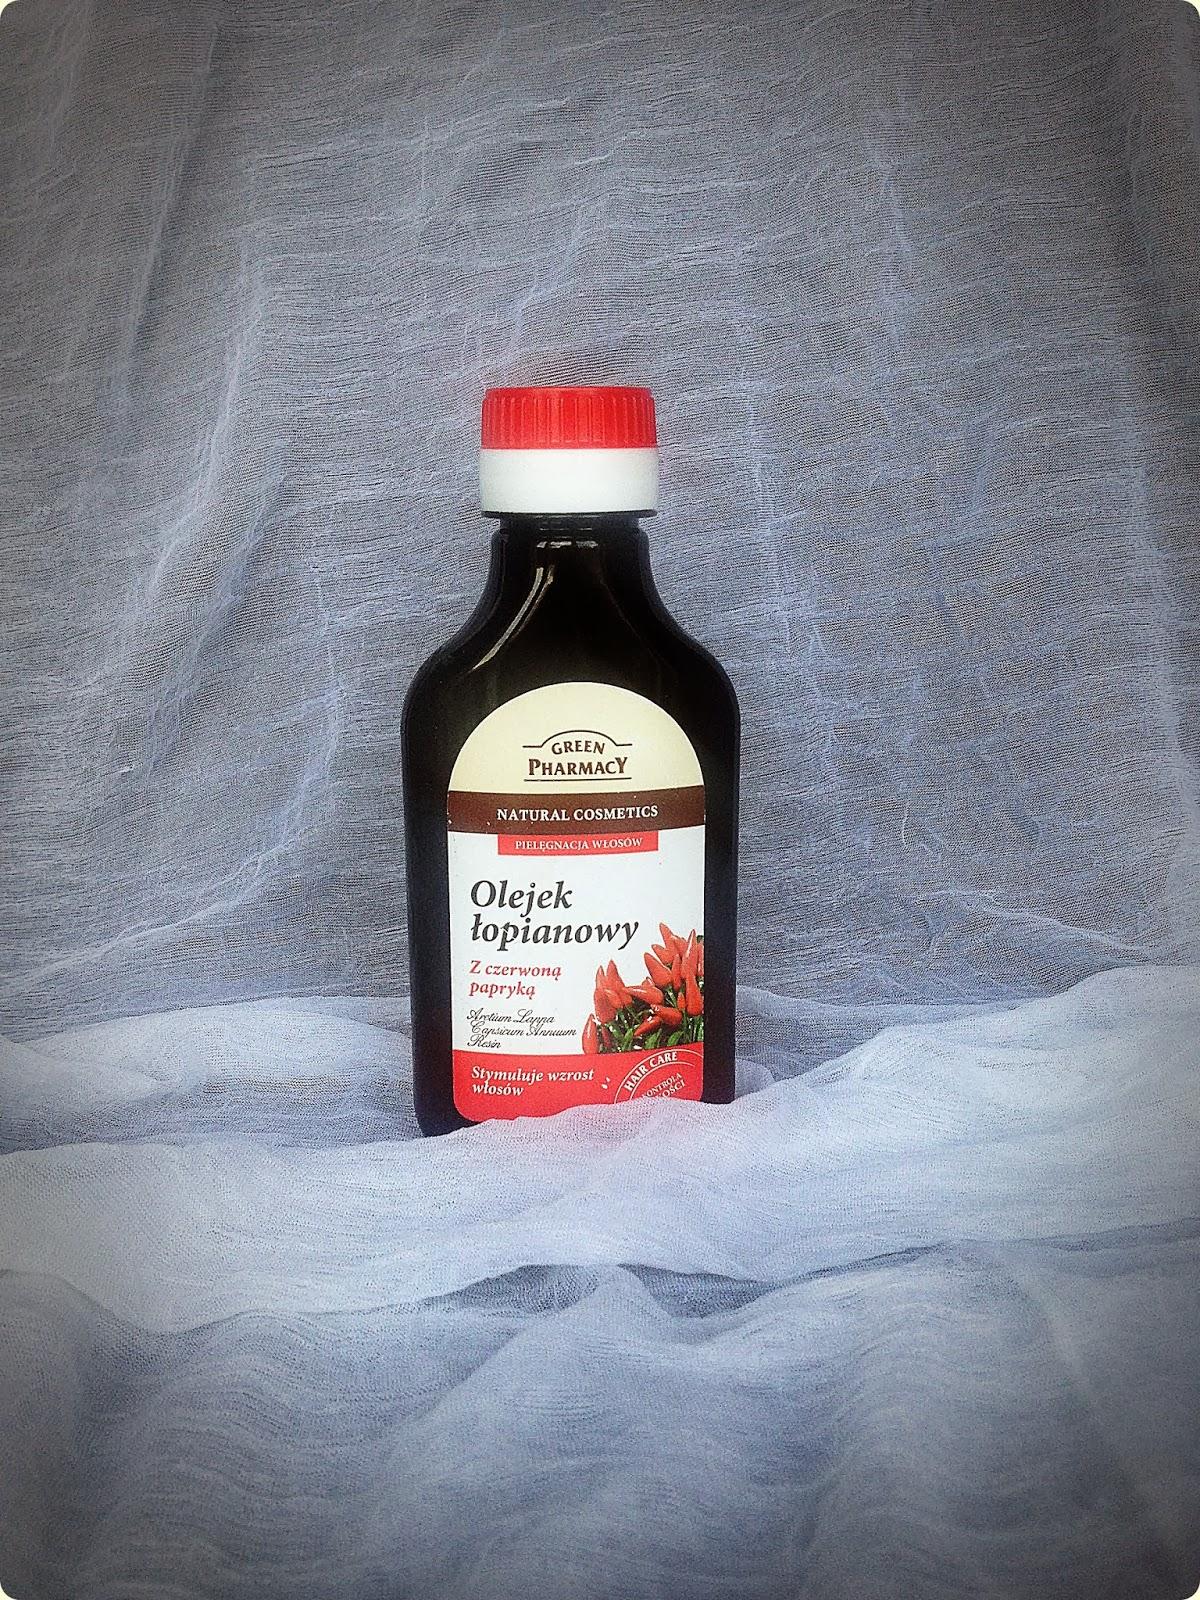 Olejek lopainowy z czerwona papryka